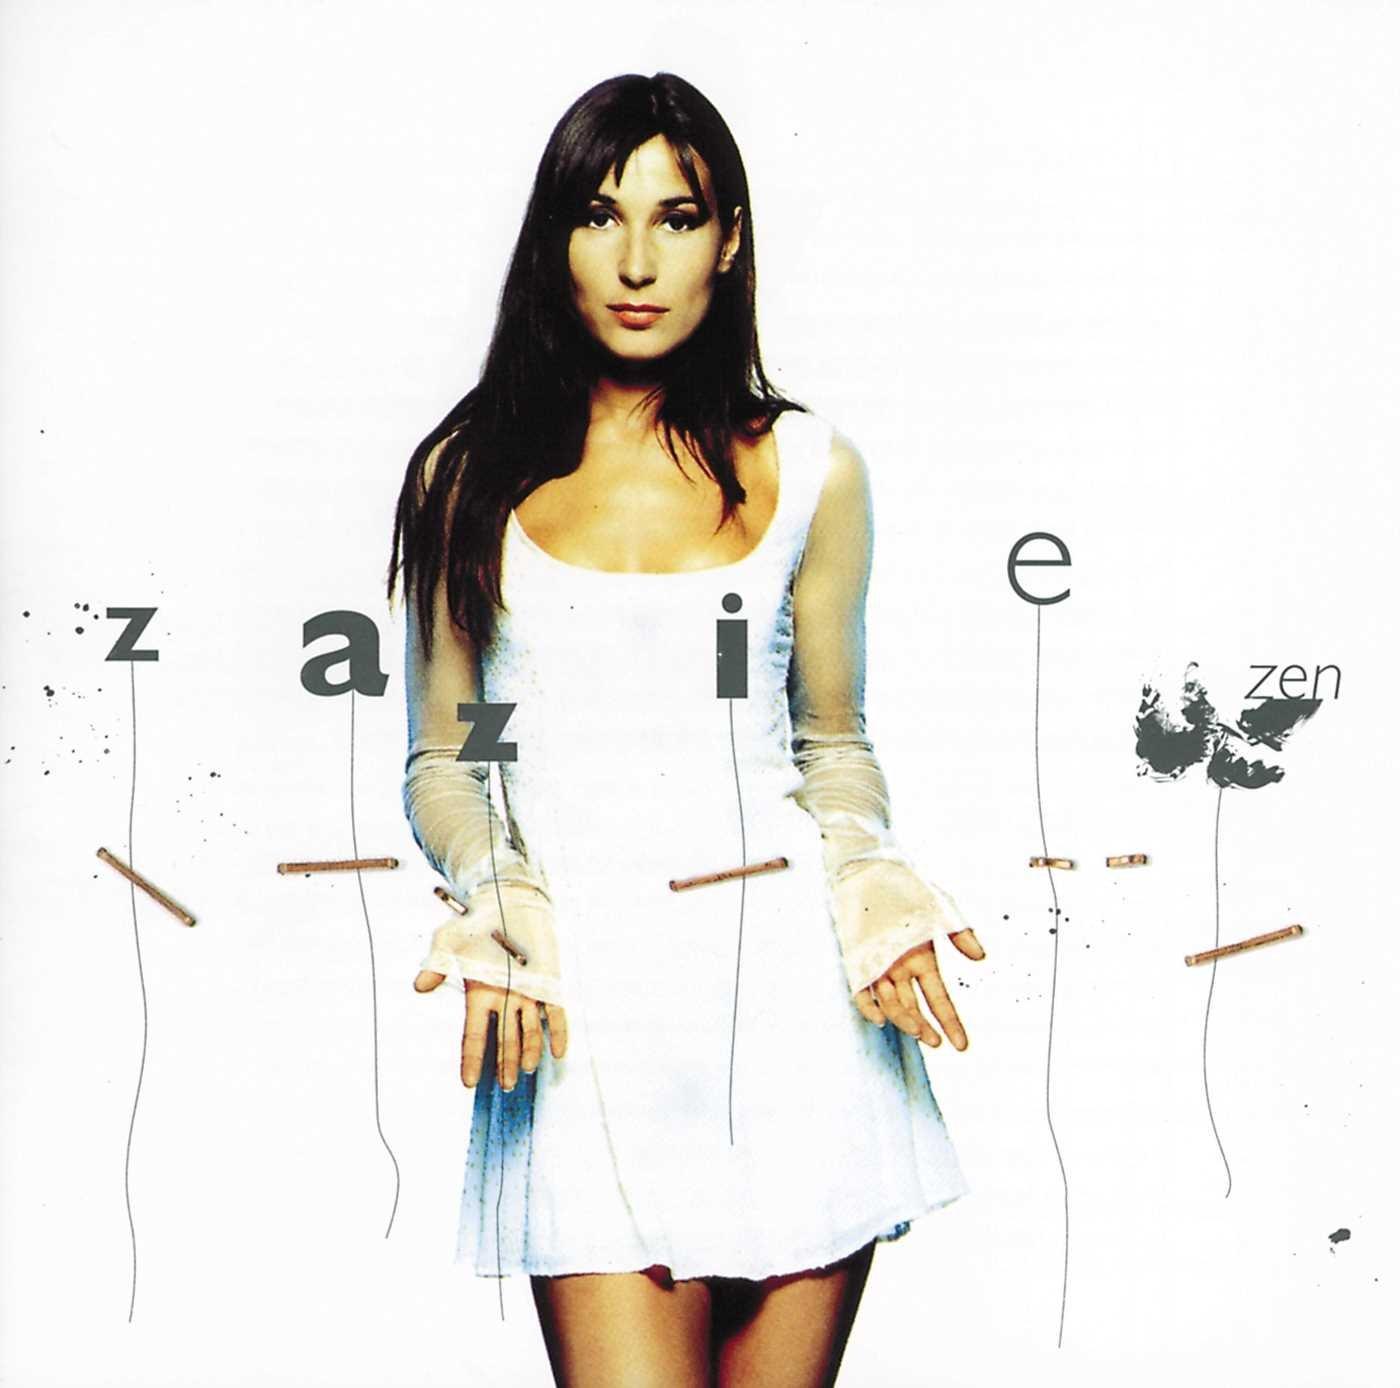 """Résultat de recherche d'images pour """"zazie zen"""""""